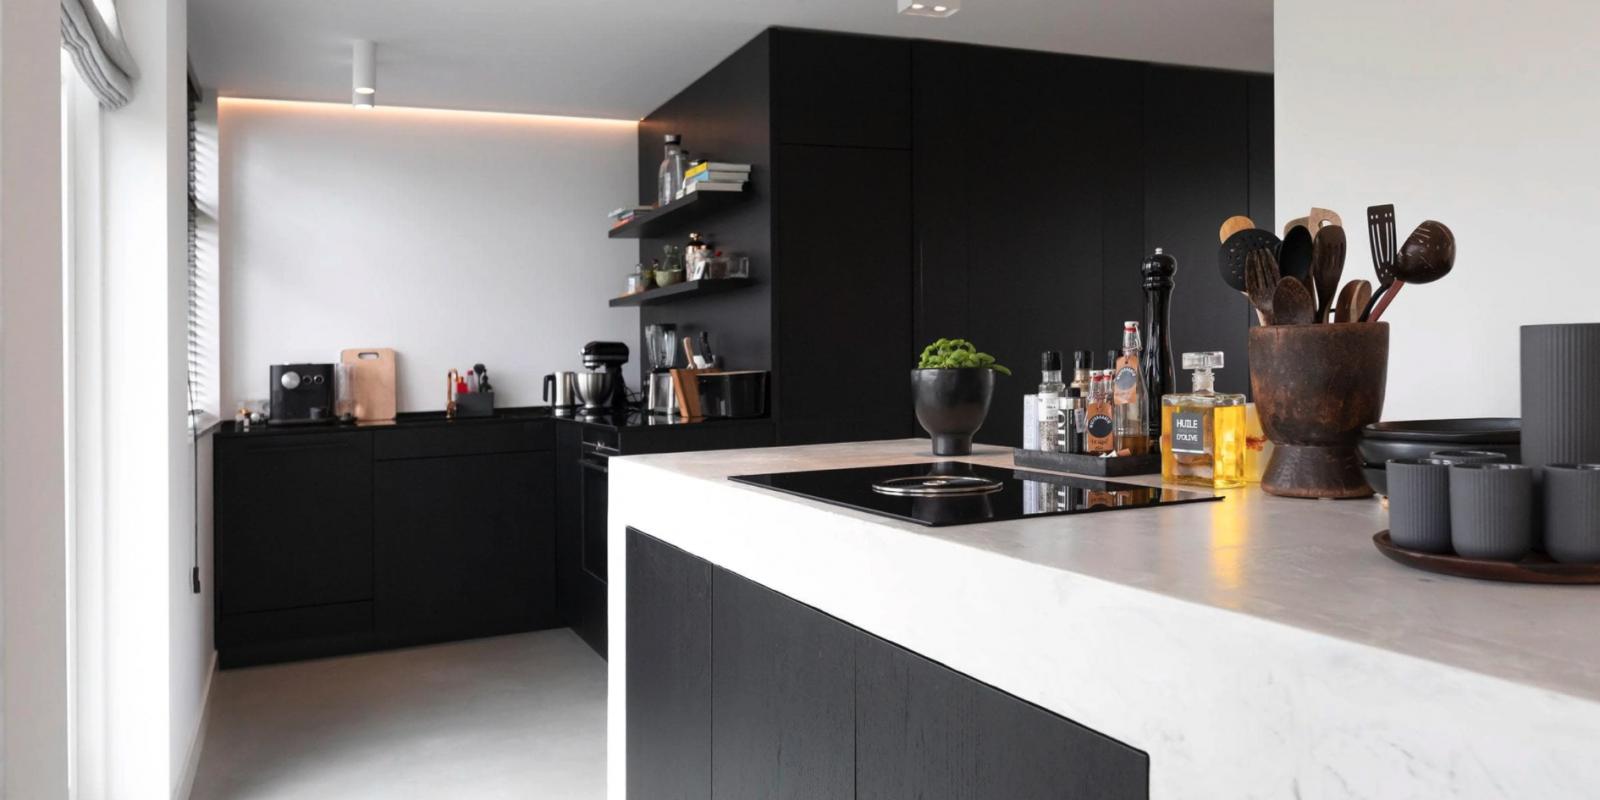 Keuken Op Maat Door Atelier 19 Bergschenhoek